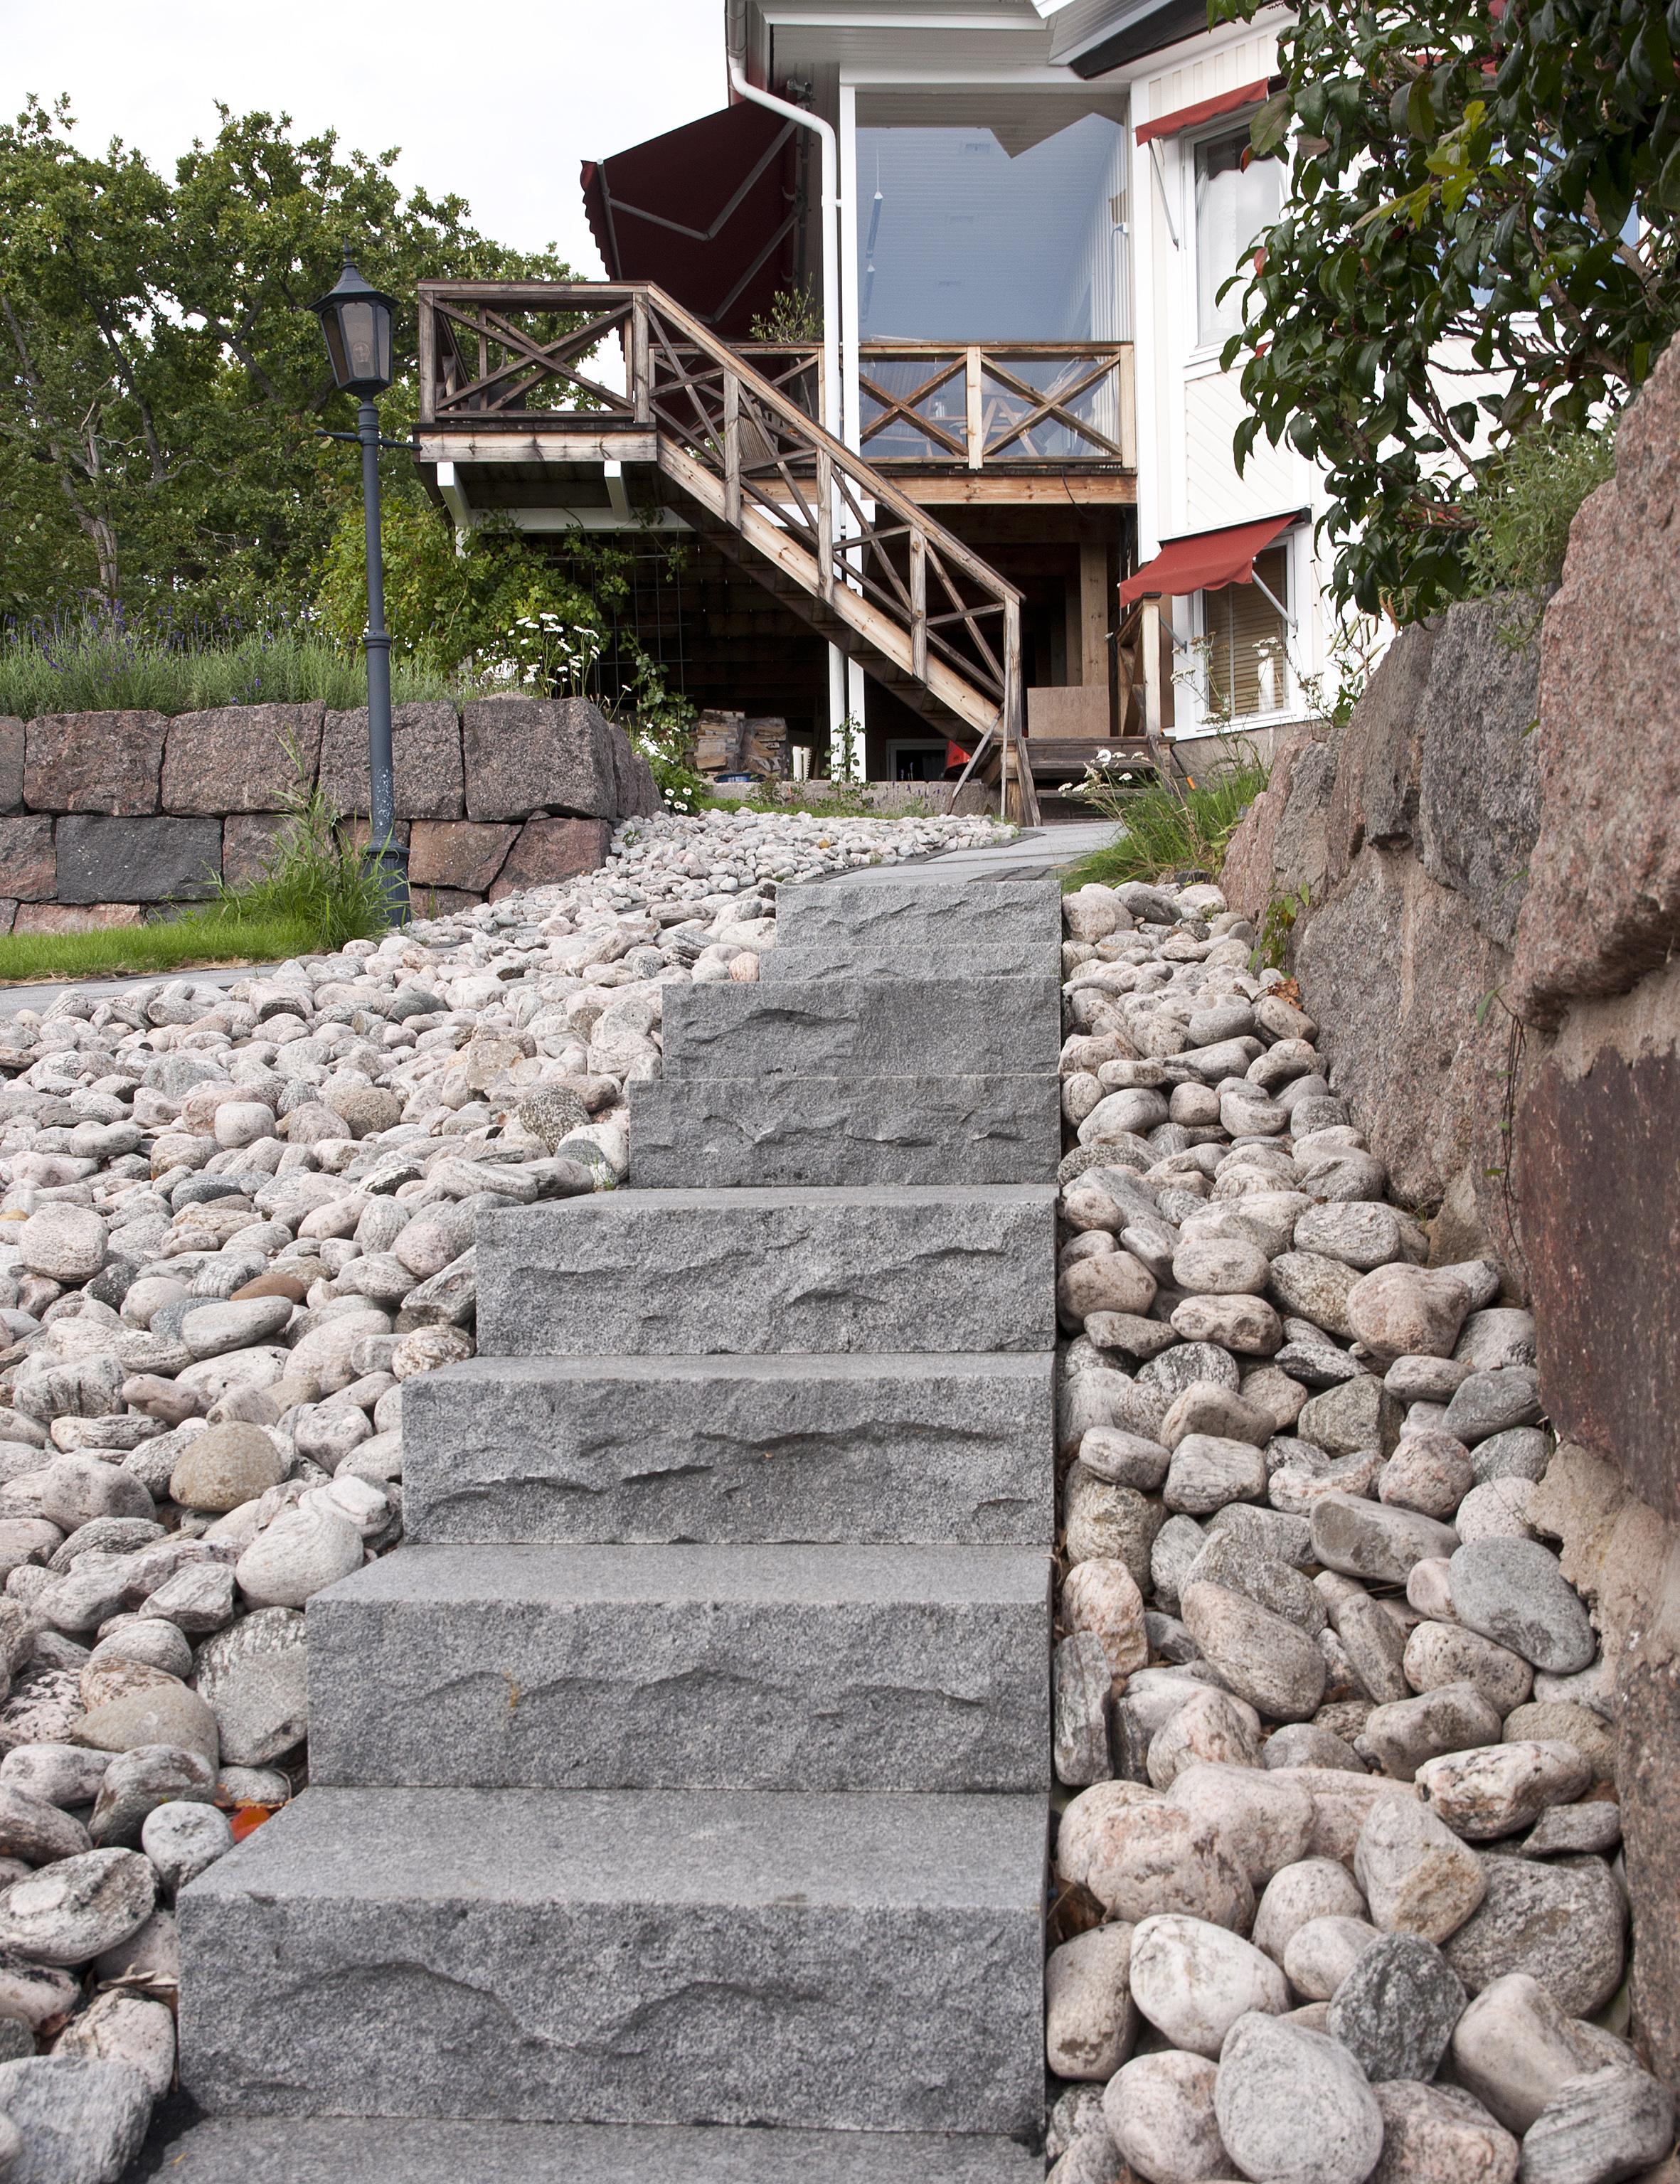 Granittrappor f̦rh̦jer husets ing̴ng Рflisbybloggen Рbloggen med ...